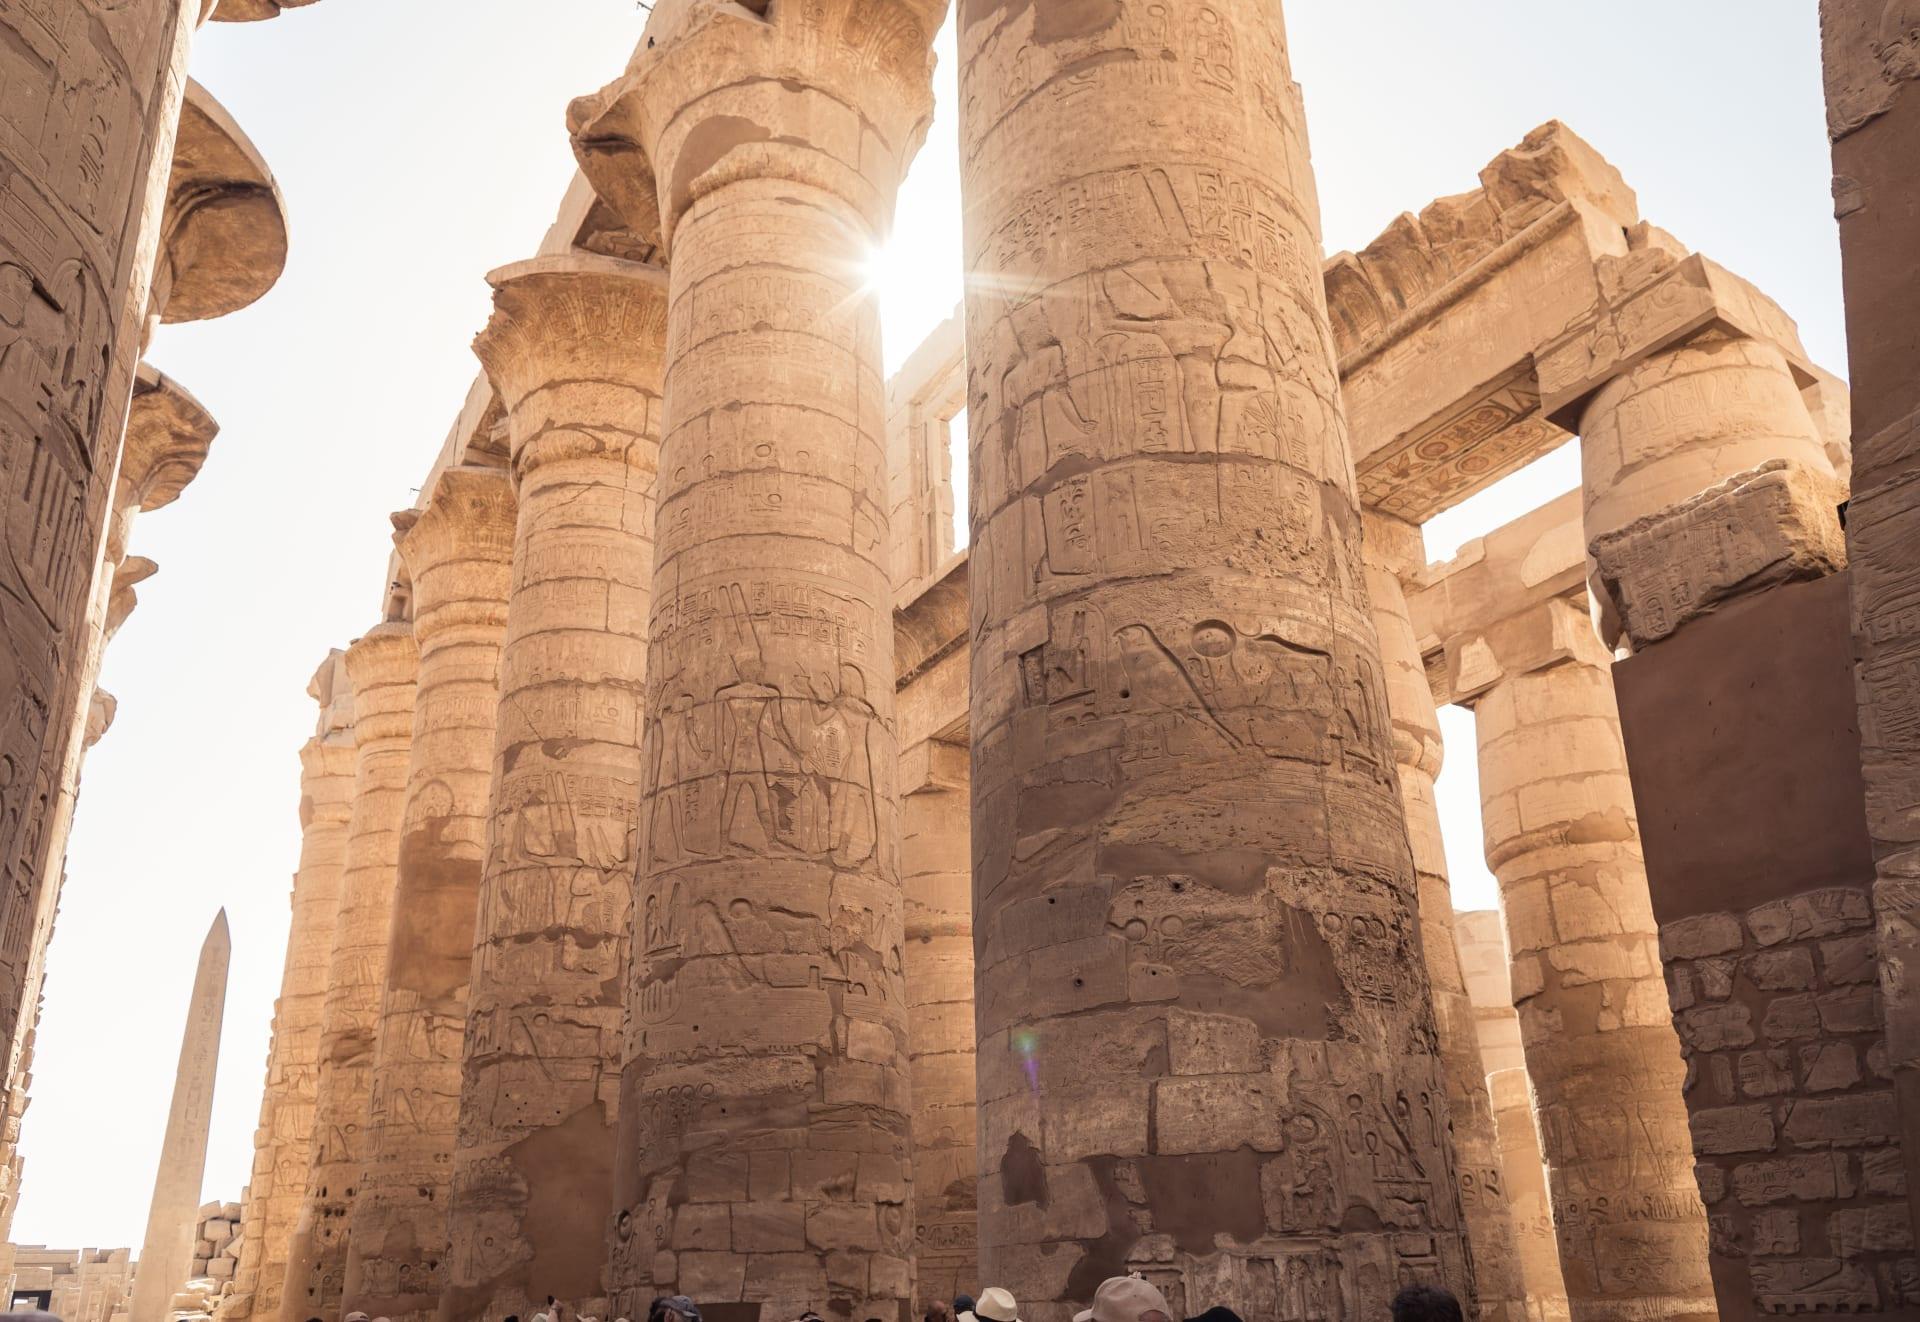 تتميز بفخامتها وحصريتها.. قد تكون هذه أكثر جولة ملكية تحصل عليها في مصر